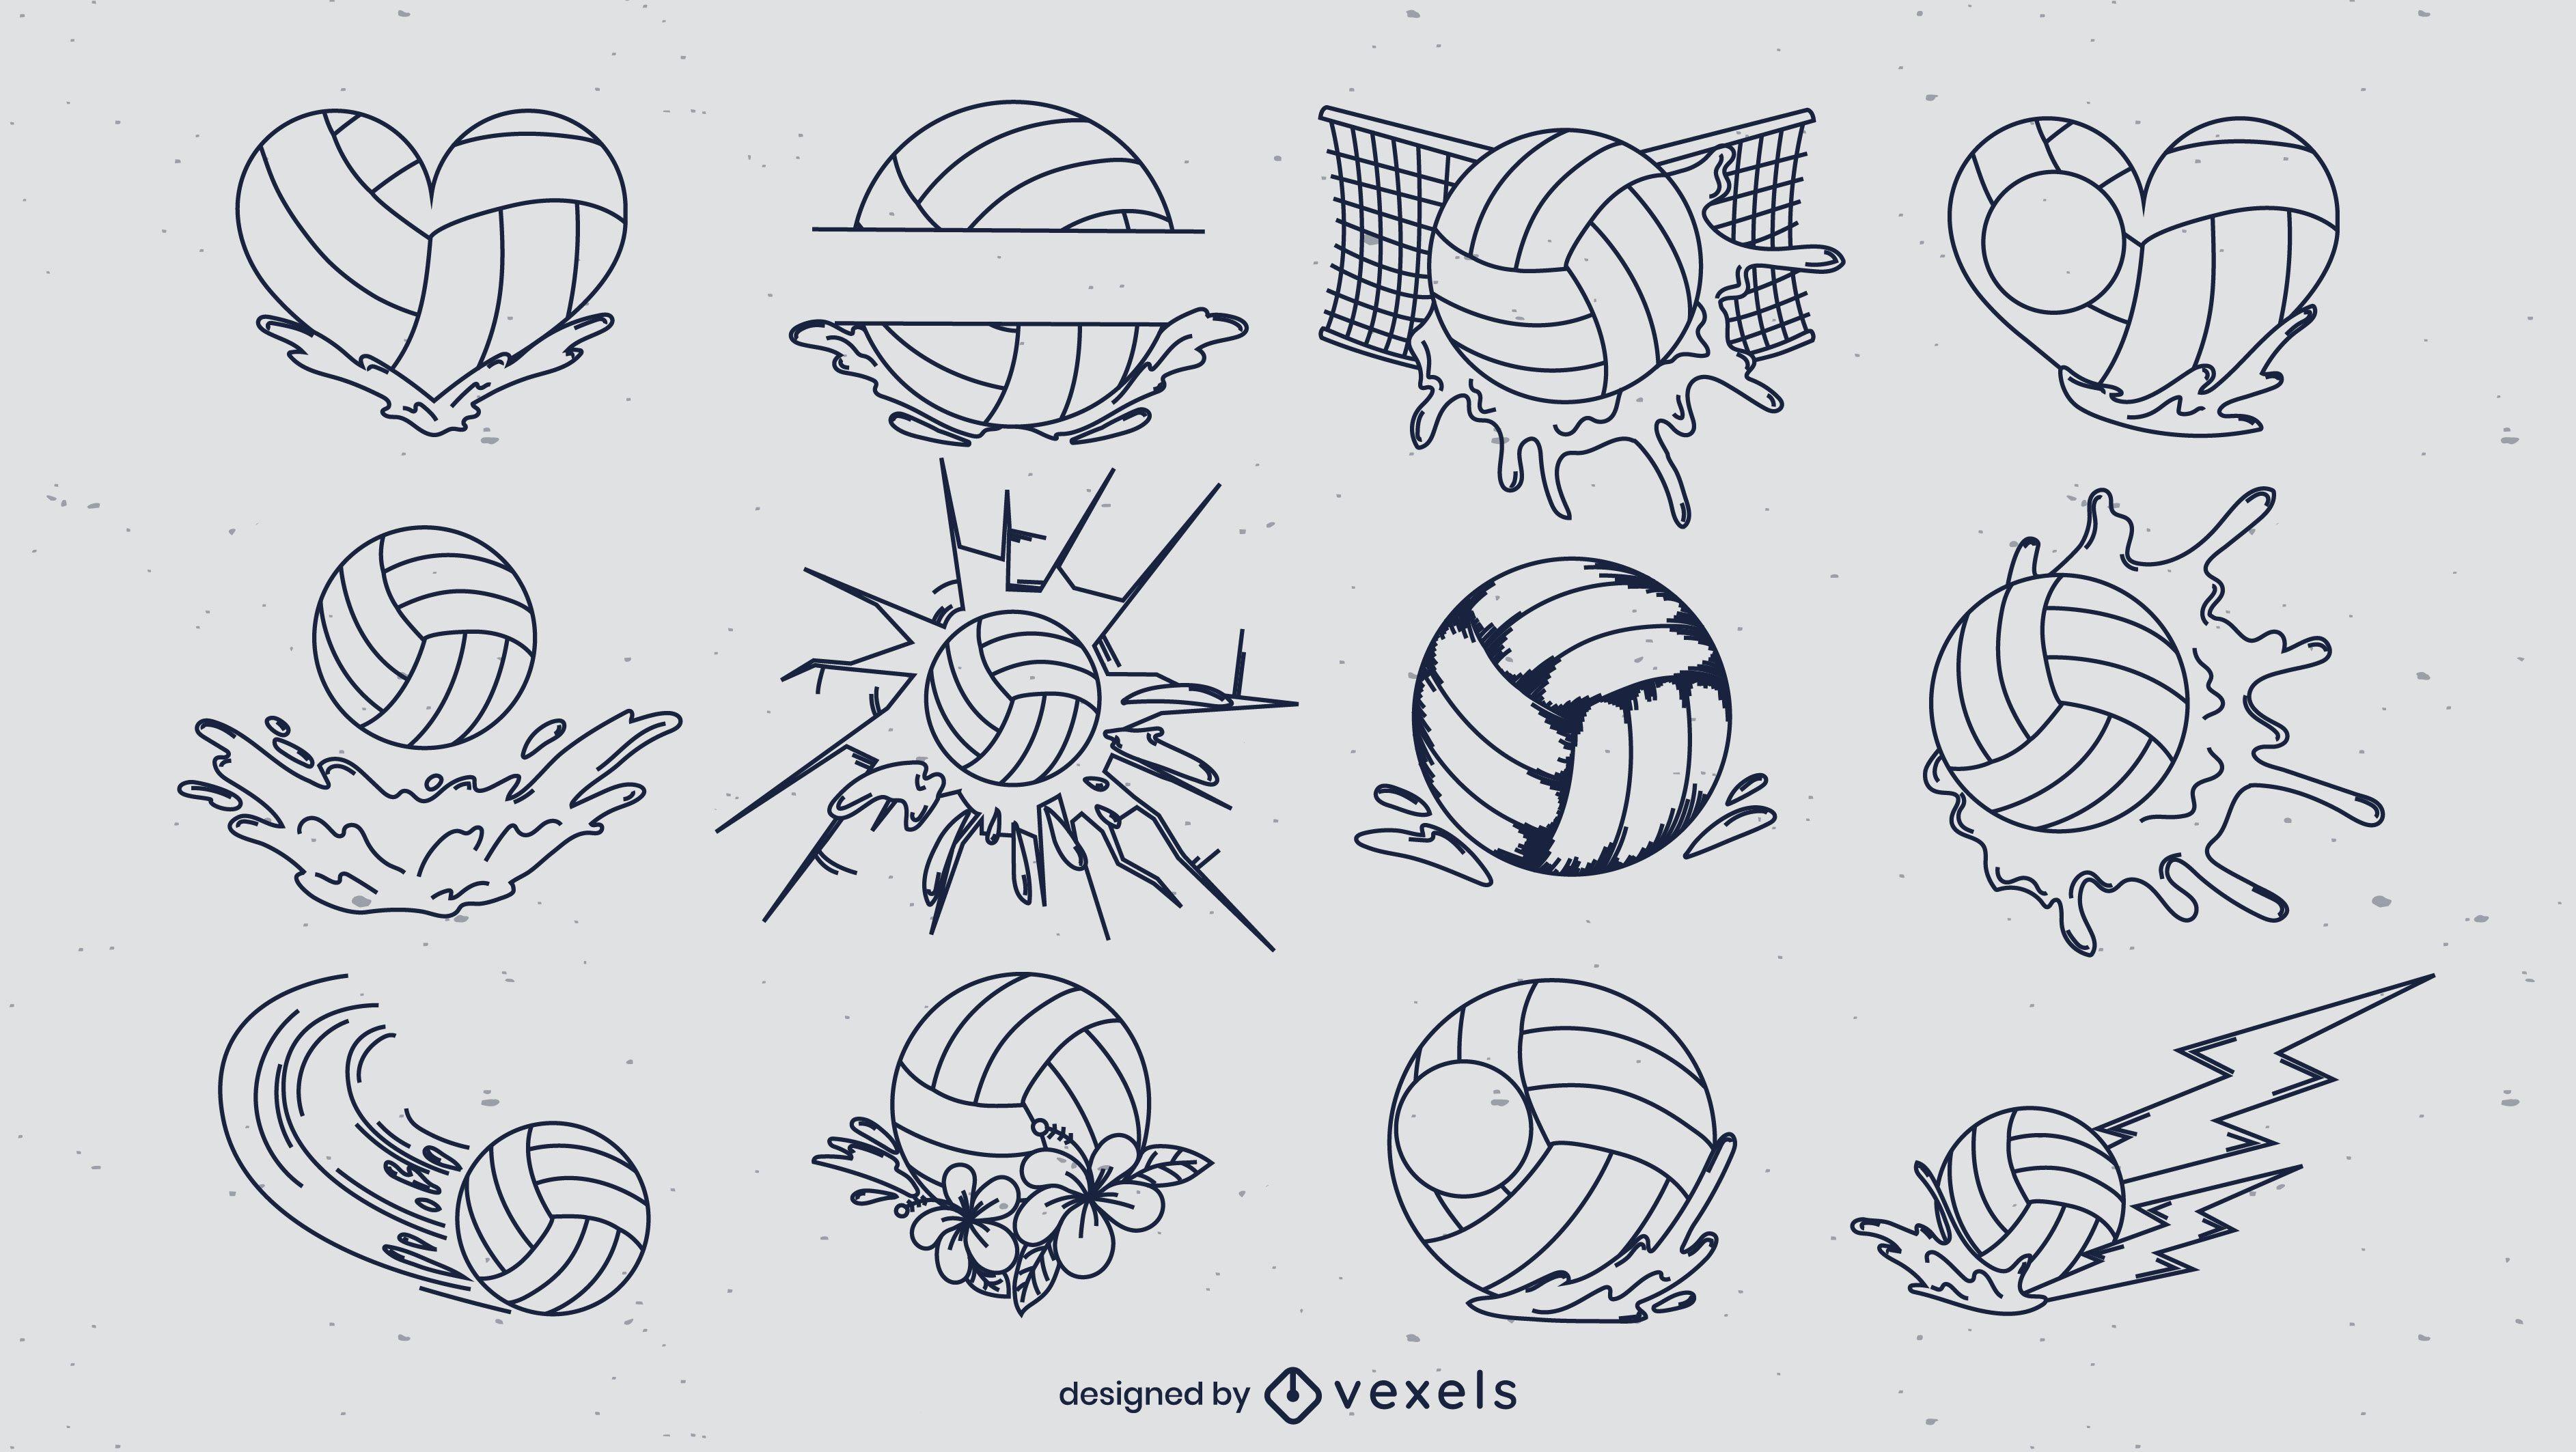 Wasserball-Ball-Linien-Kunstelemente-Set